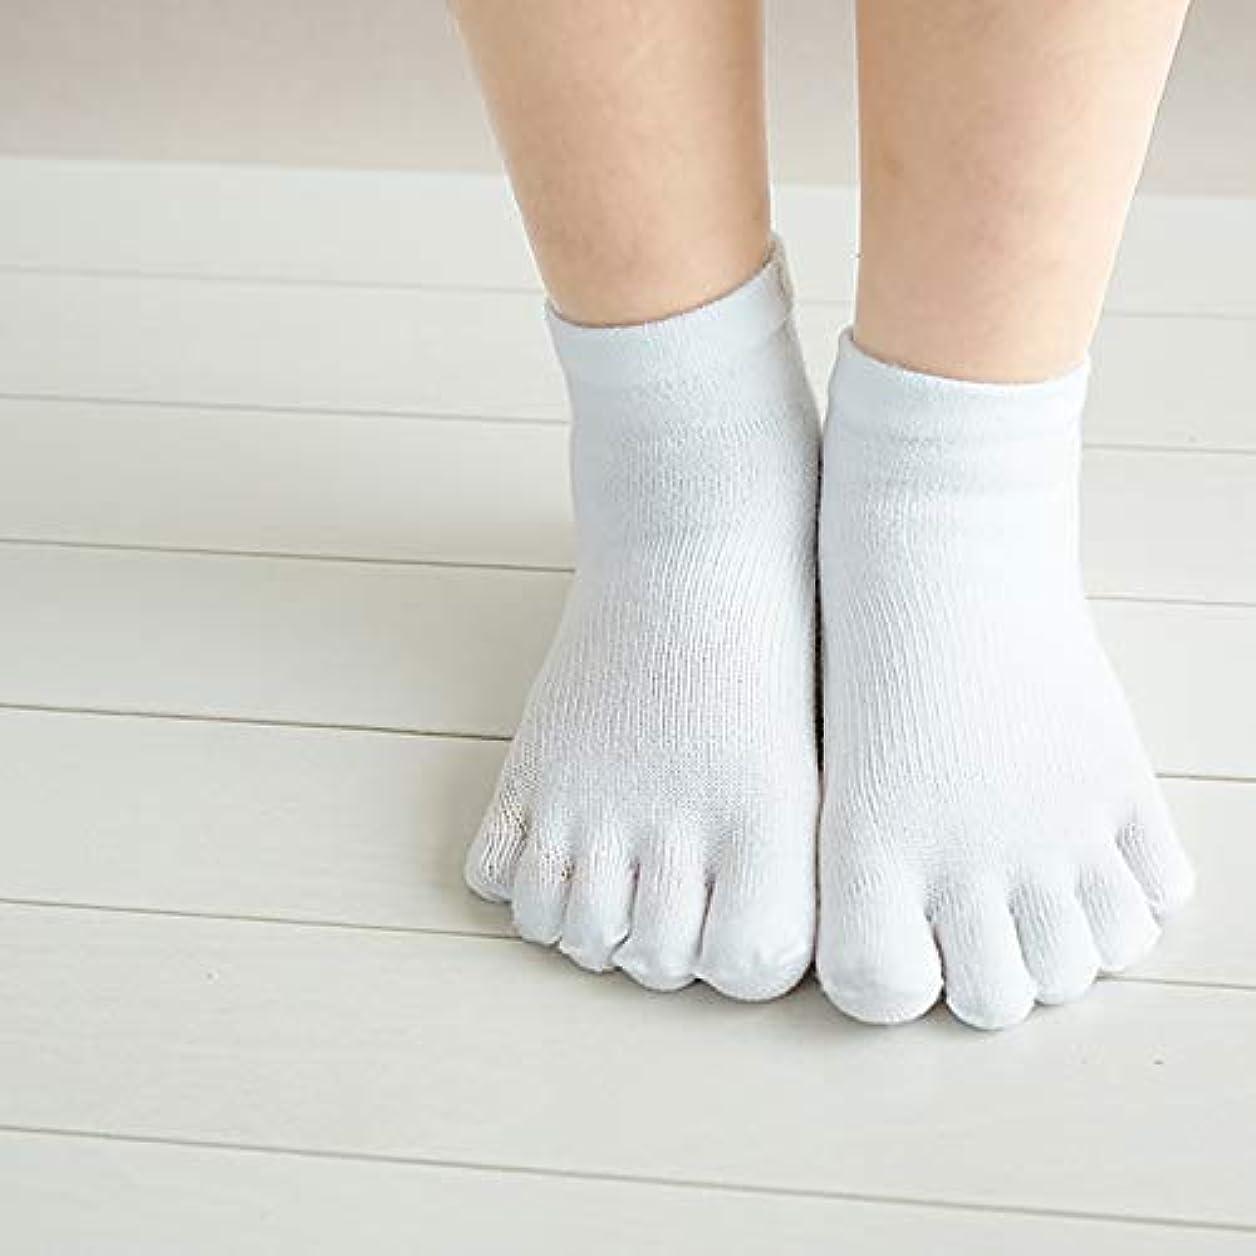 垂直道徳区画ゆびのばソックス Neo アズキッズ ホワイト 幼児用靴下 5本指ソックス